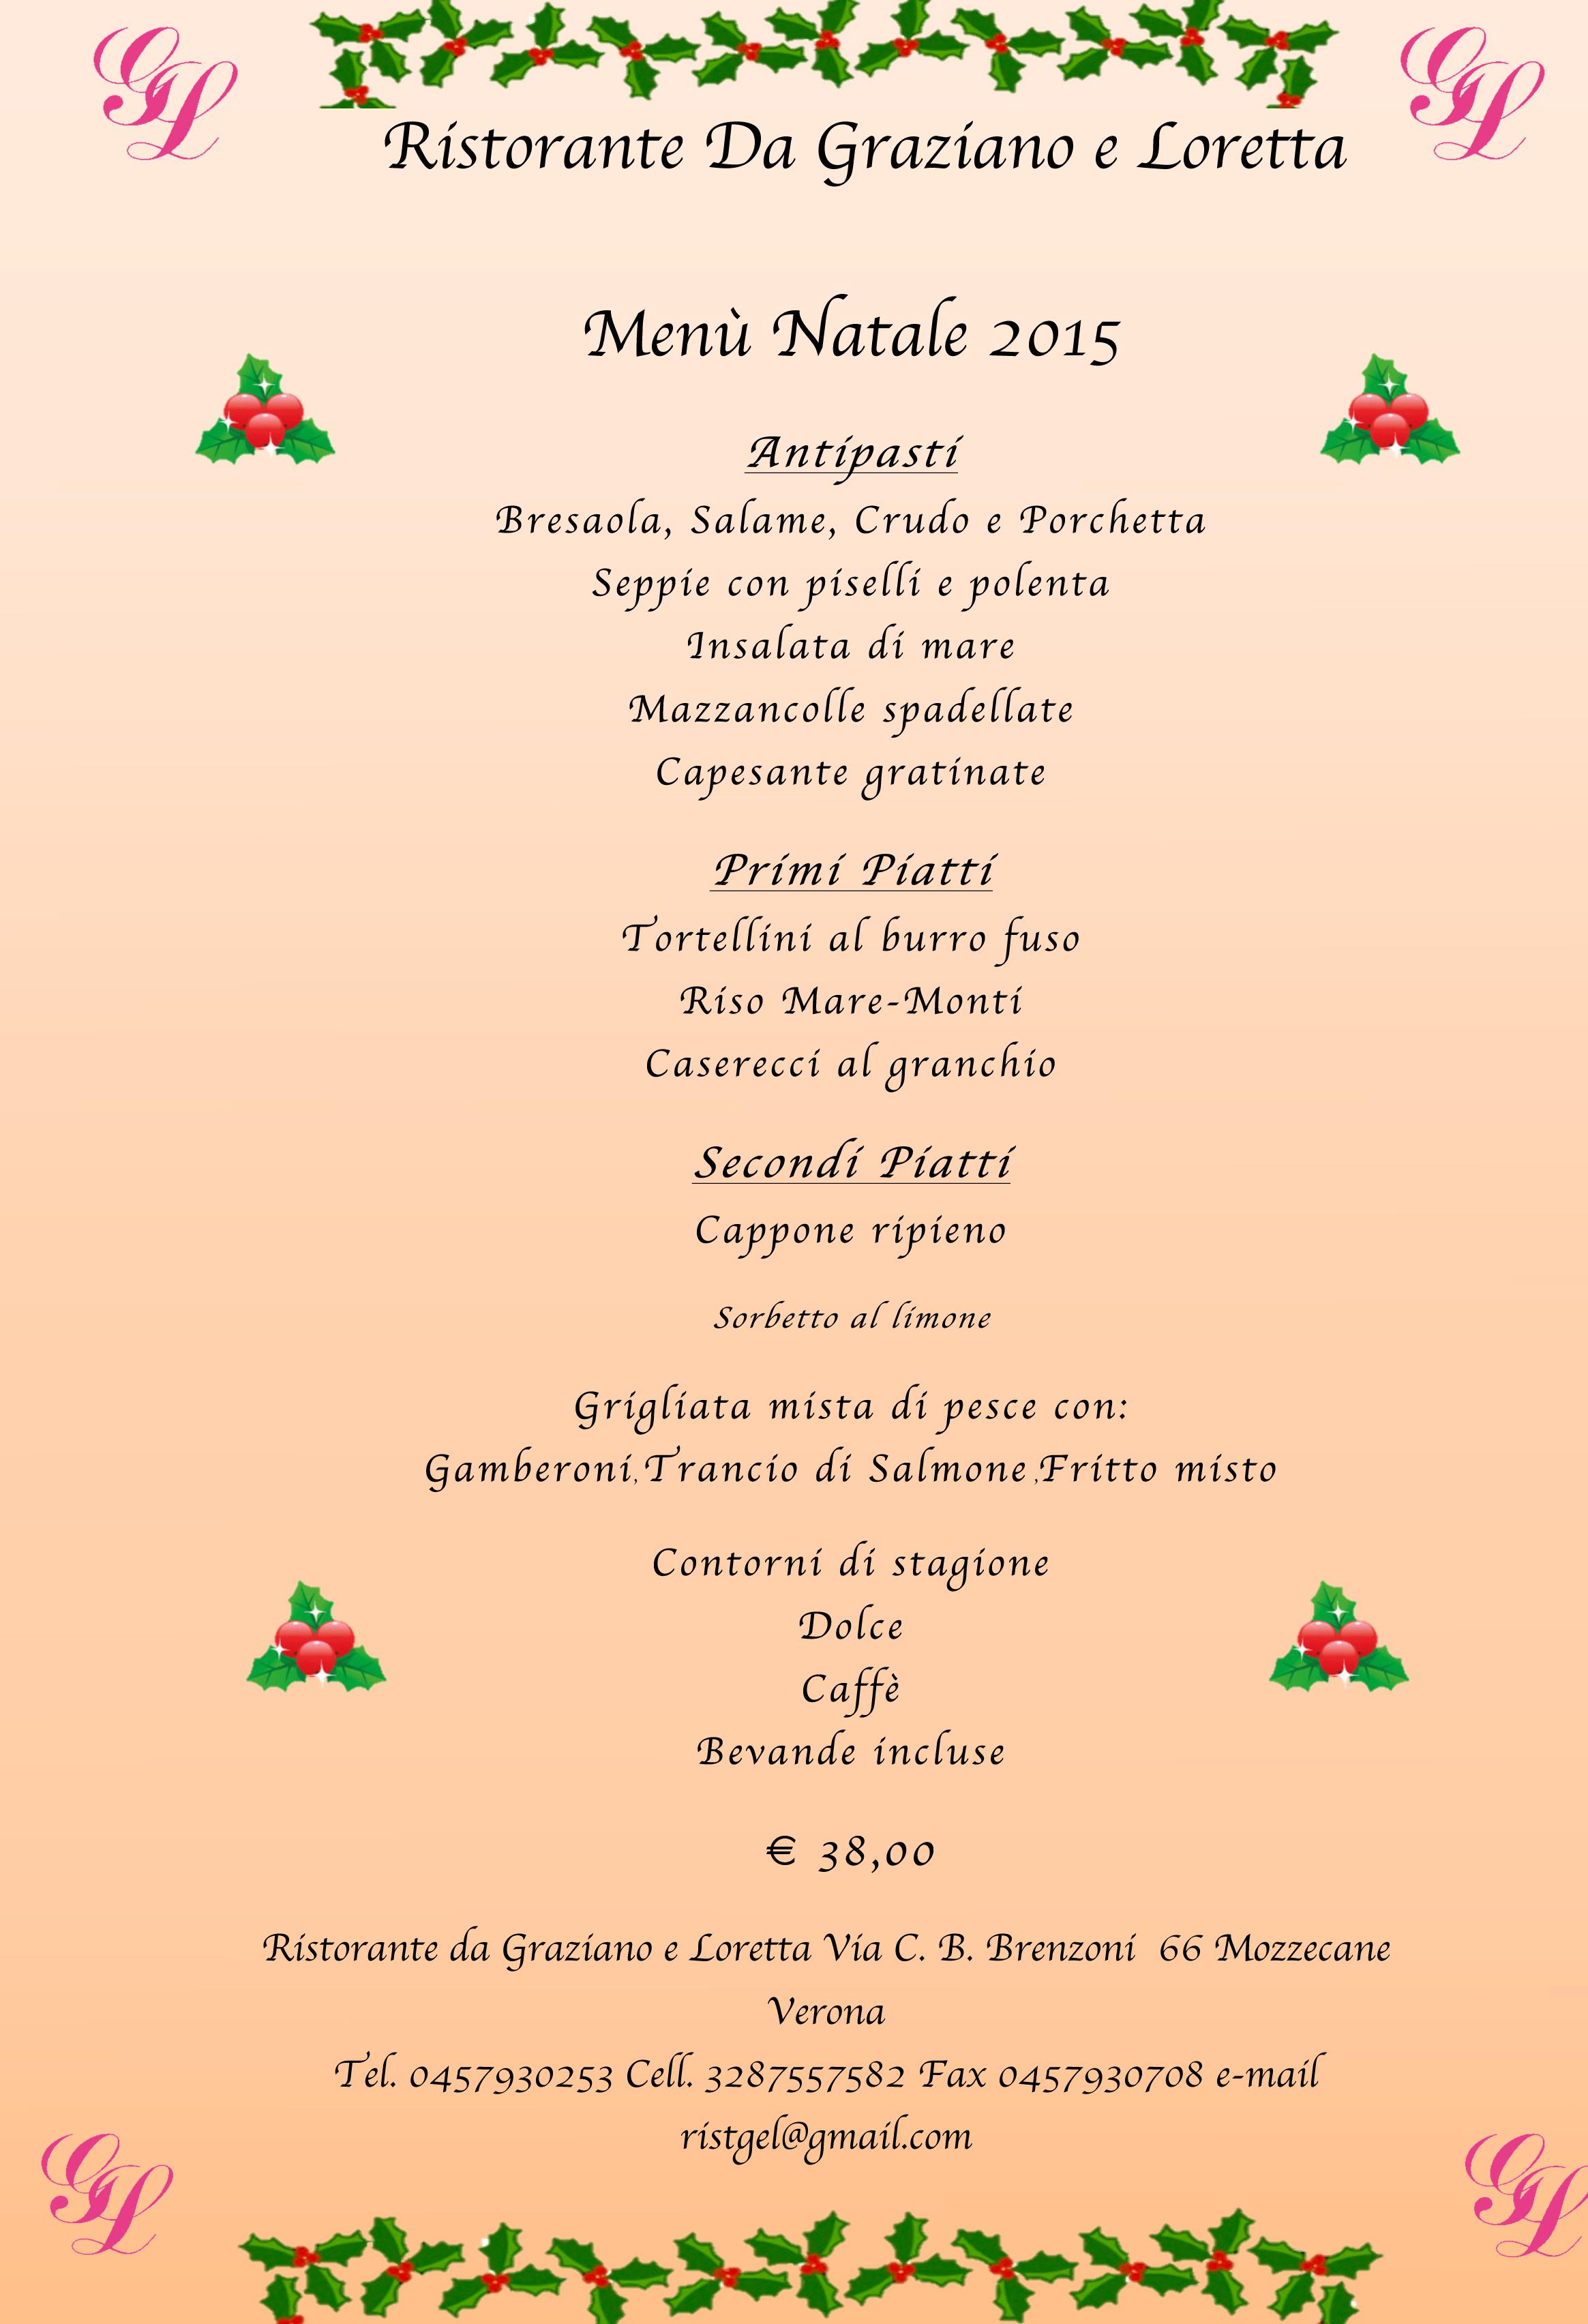 Menu Per Il Pranzo Di Natale 2019.Le Serate Danzanti Di Graziano E Loretta A Mozzecane